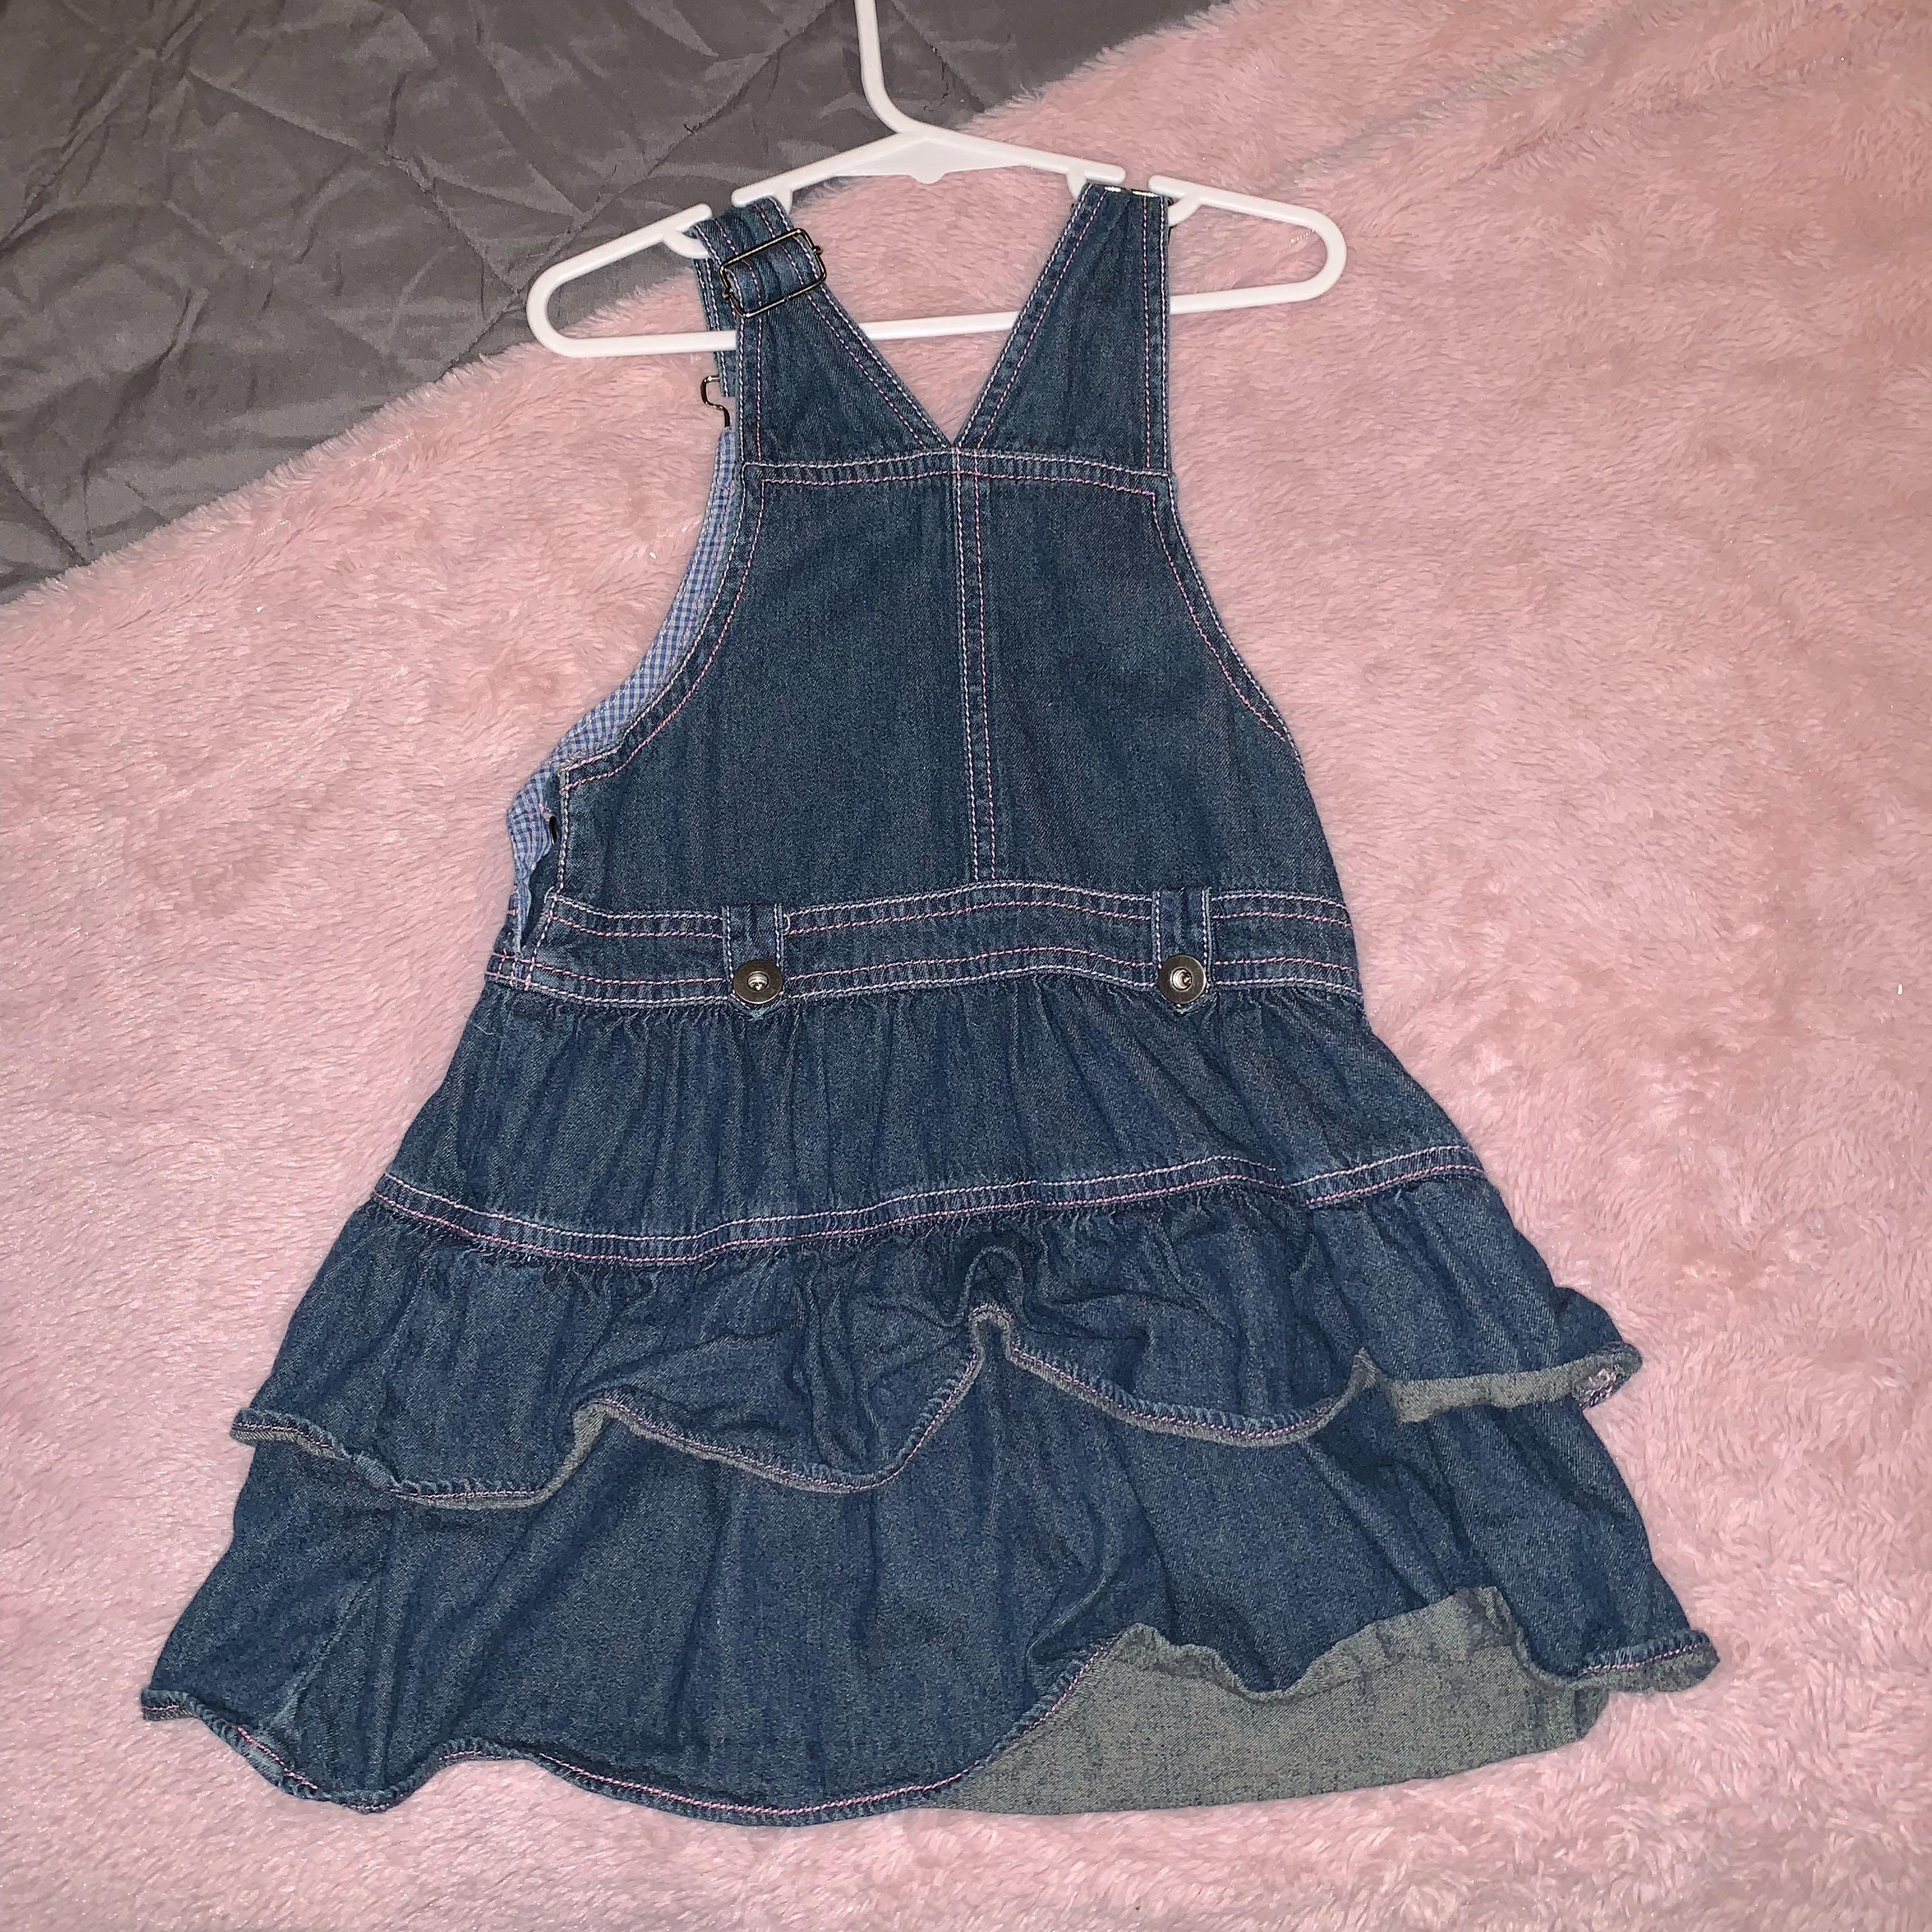 Size 5 denim dress